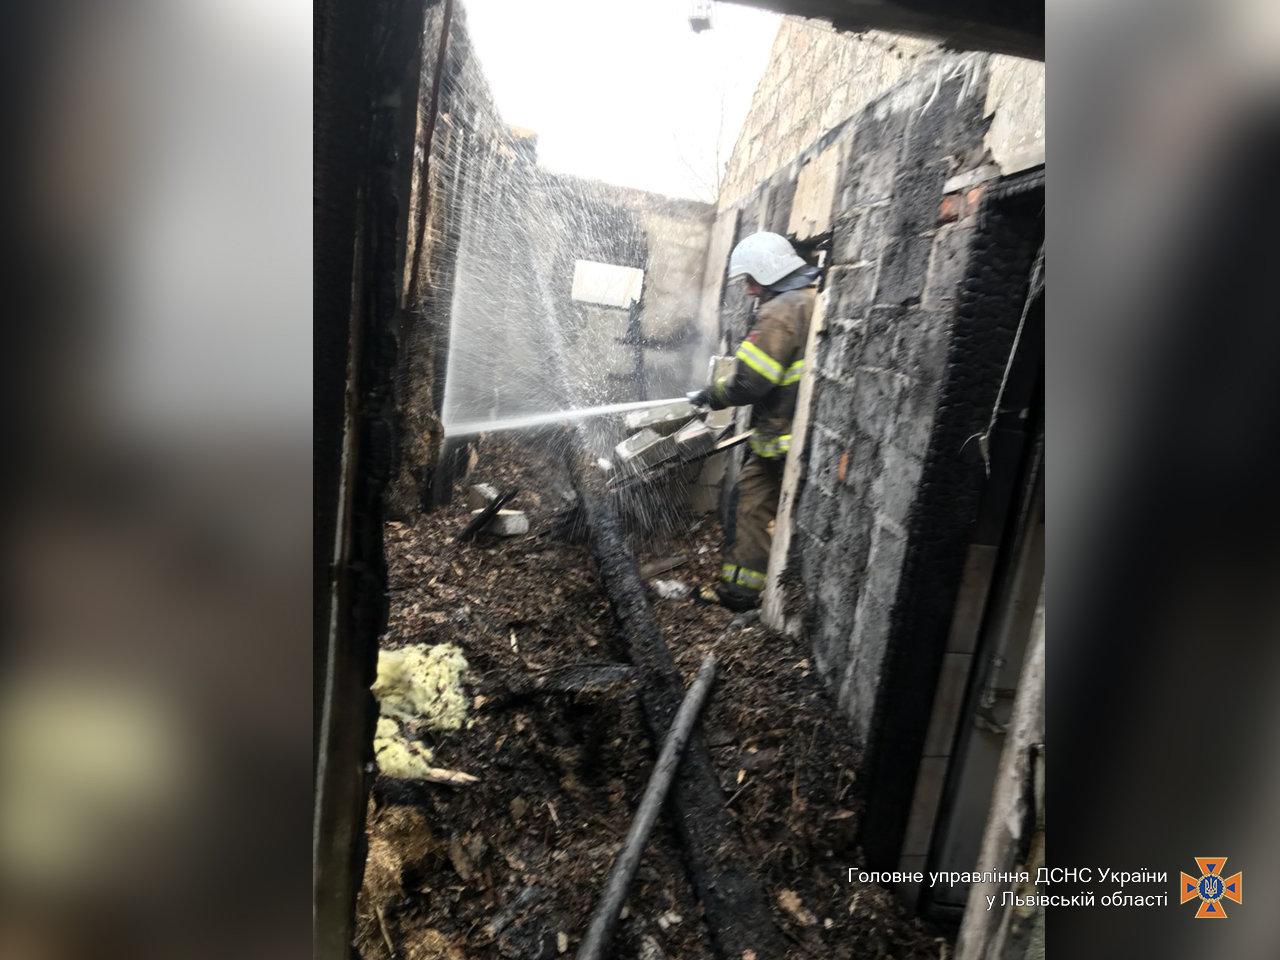 Внаслідок пожежі на Львівщині постраждала 4-річна дитина, - ФОТО, фото-2